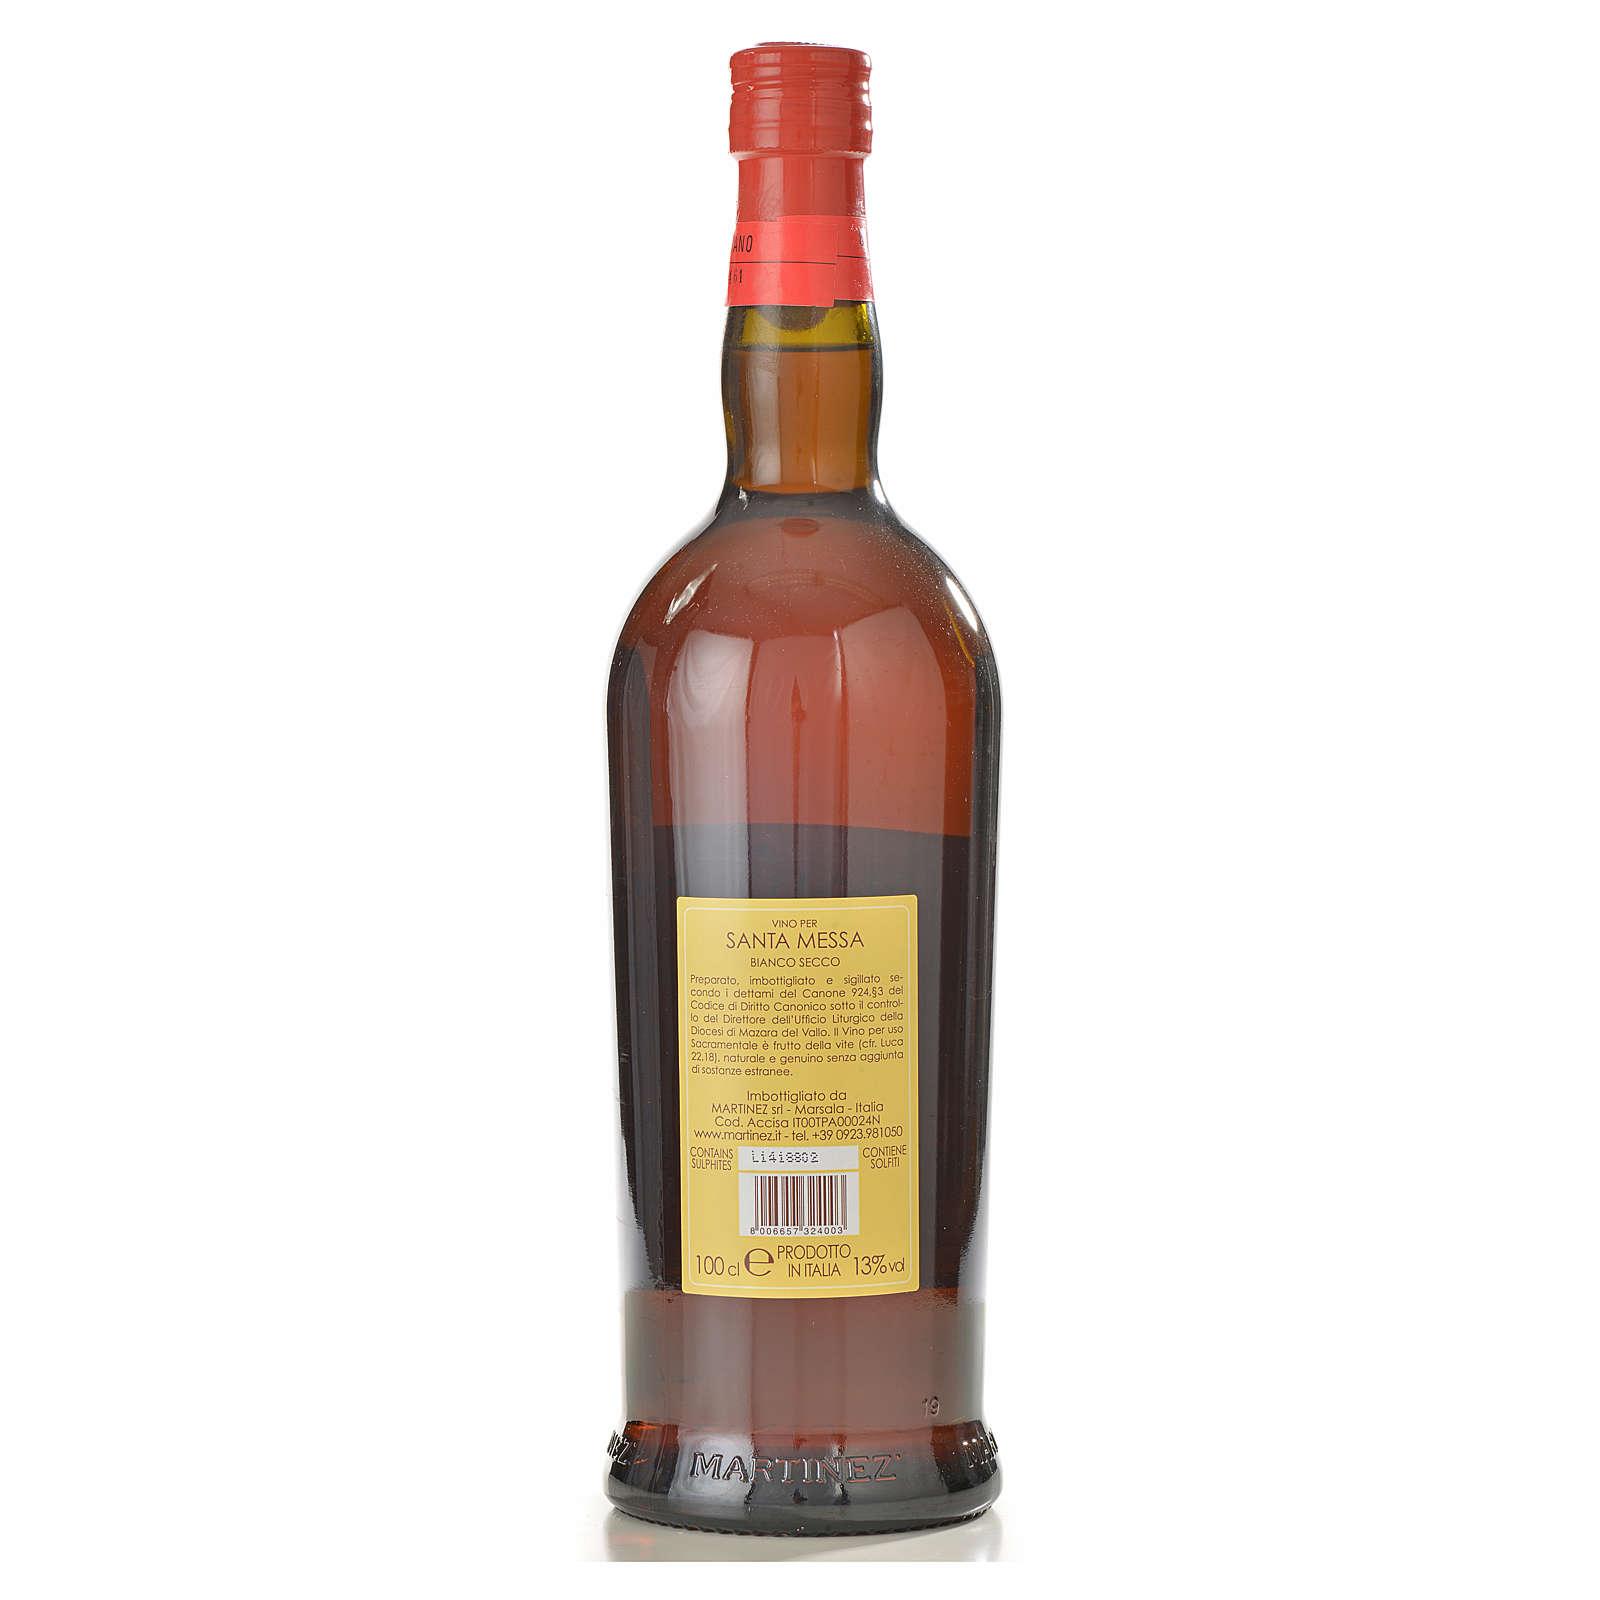 Mass wine white dry - Martines 3